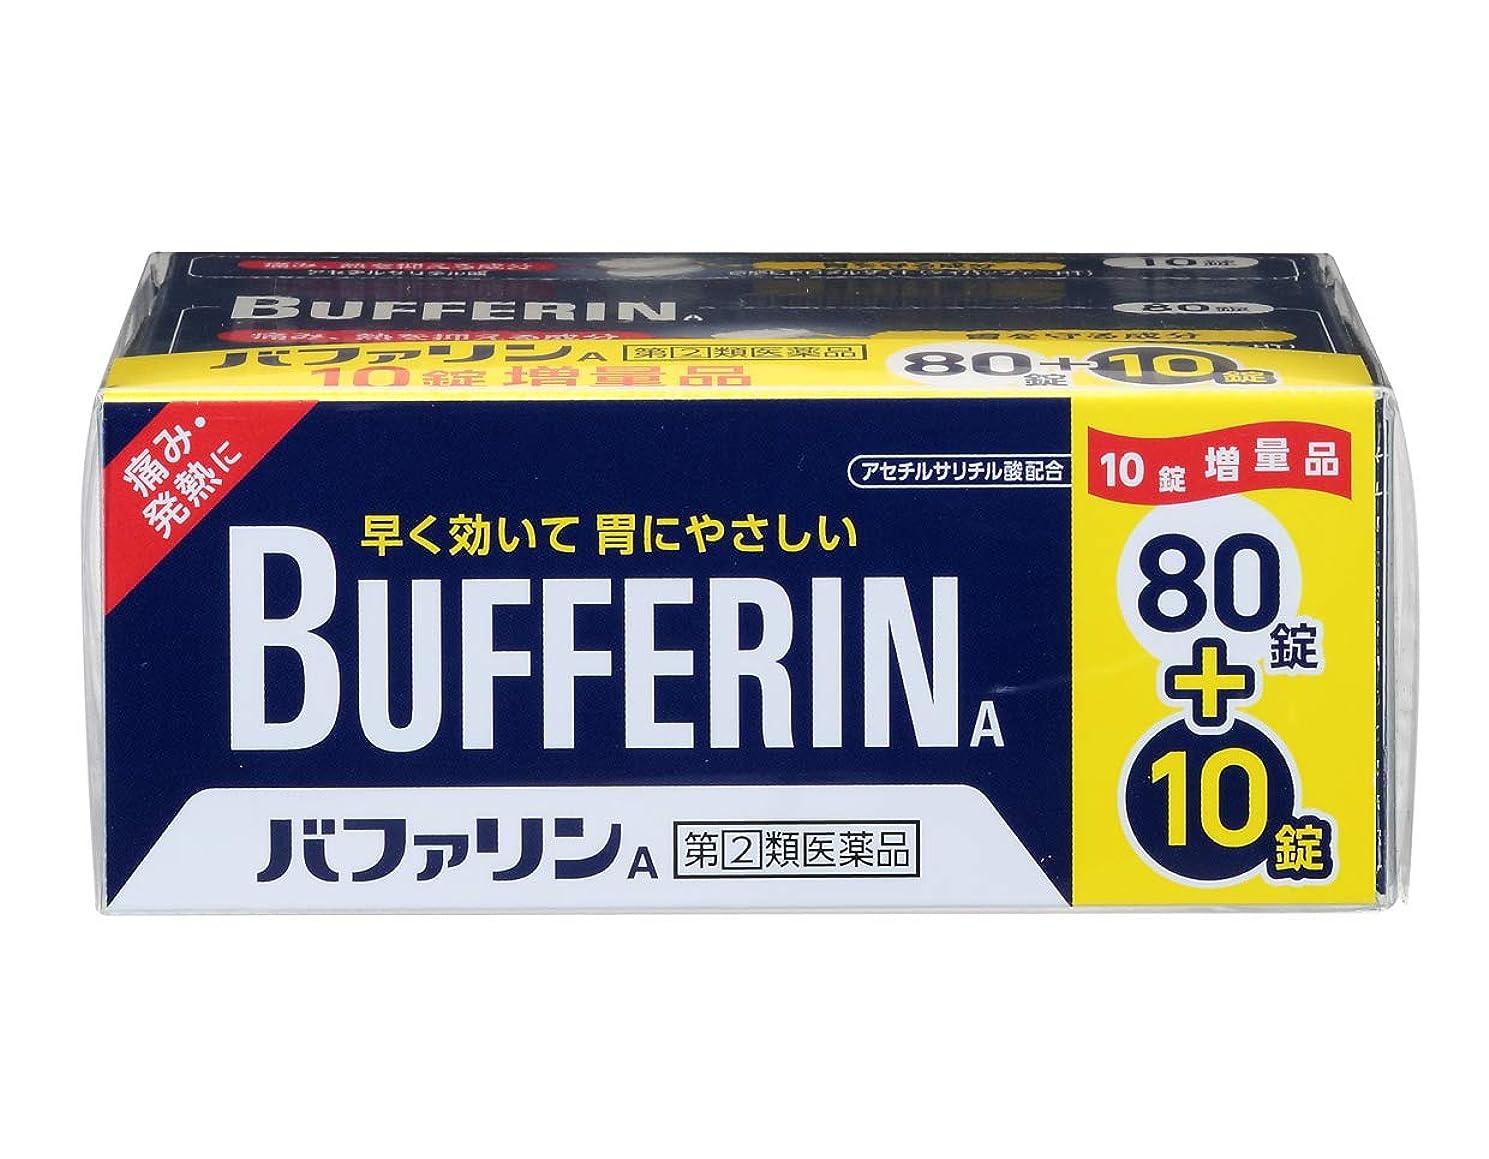 ビールノーブル哲学博士【指定第2類医薬品】バファリンA(80錠+10錠) 90錠